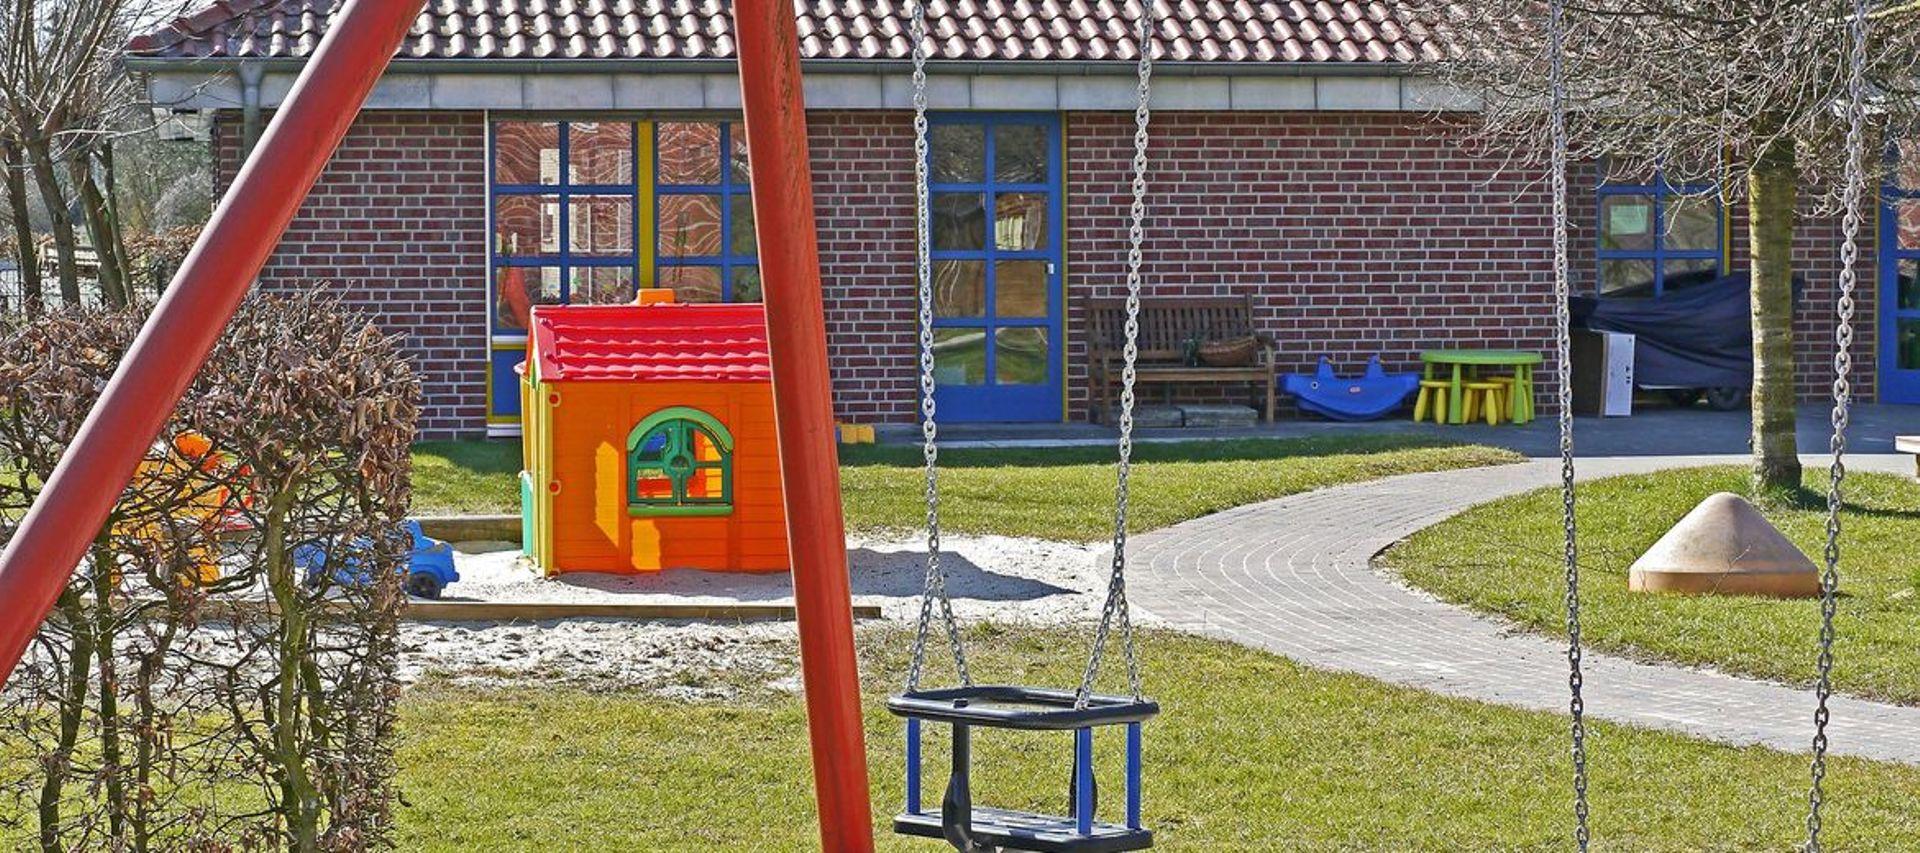 Wrocław: Na Lipie Piotrowskiej powstanie nowe przedszkole. Dla mieszkańców to za mało